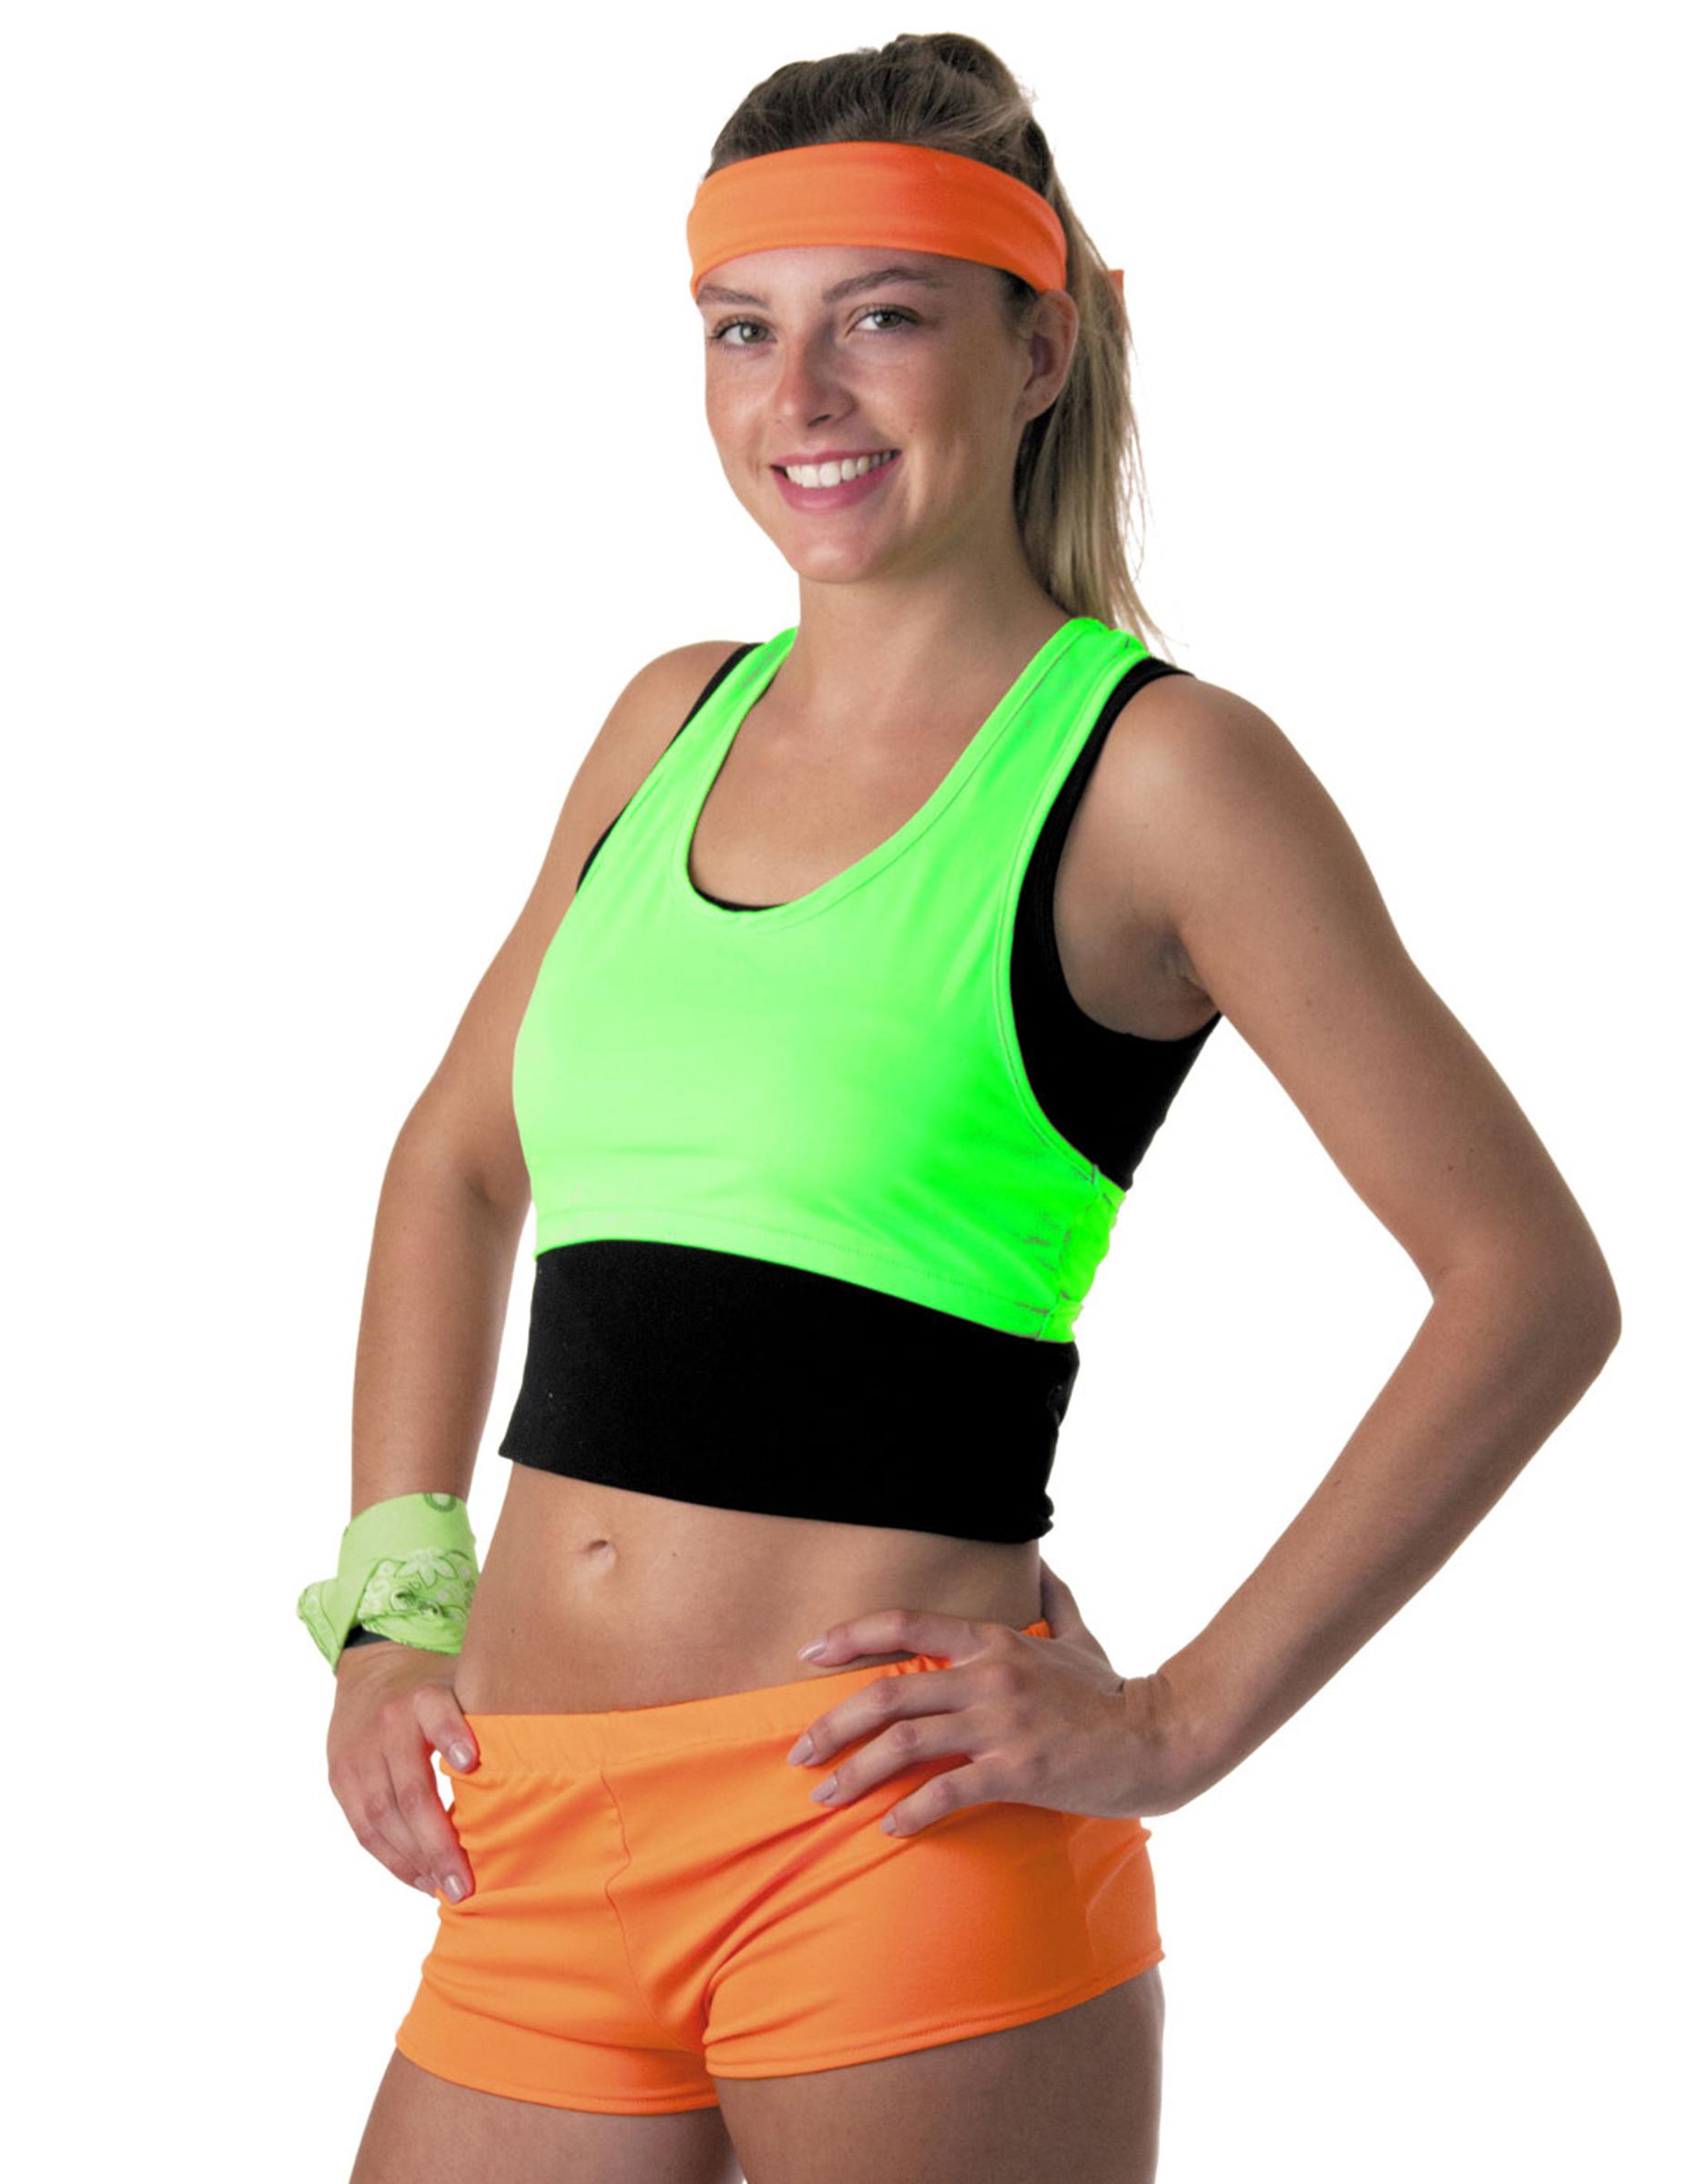 f585ecc75a Brassière vert fluo femme : Deguise-toi, achat de Déguisements adultes